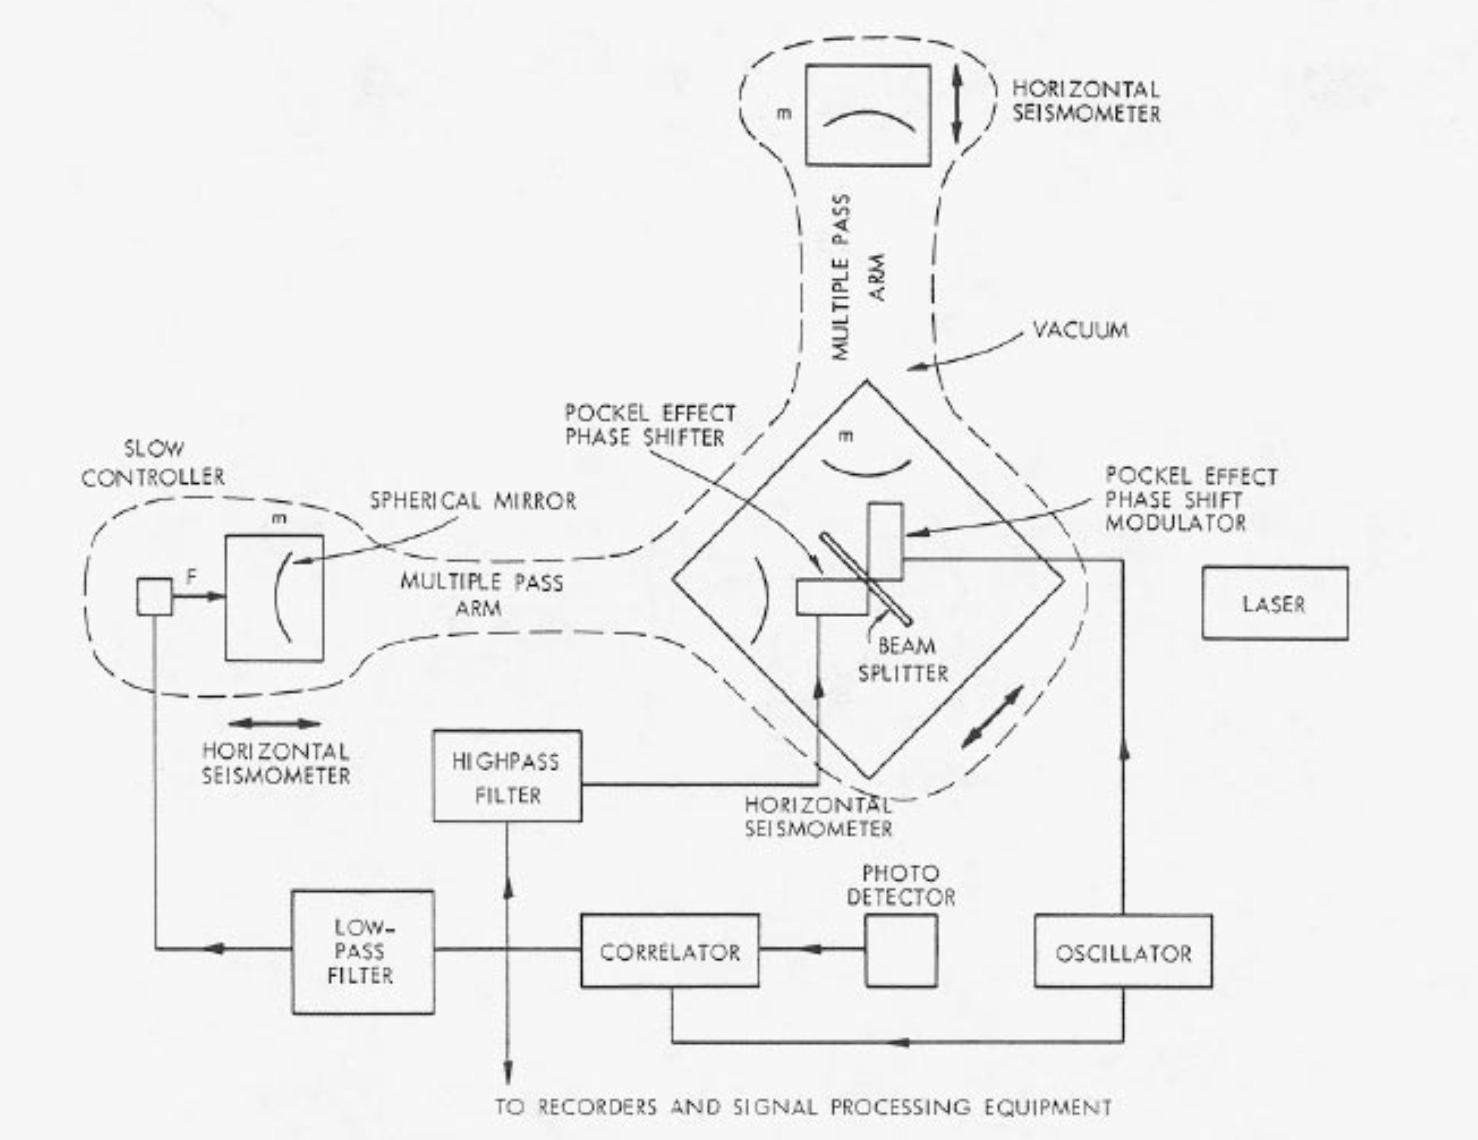 45 Jahre von der ersten Skizze zum Nobelpreis: Das Diagramm für den ersten interferometrischen Gravitationswellendetektor von Rai Weiss